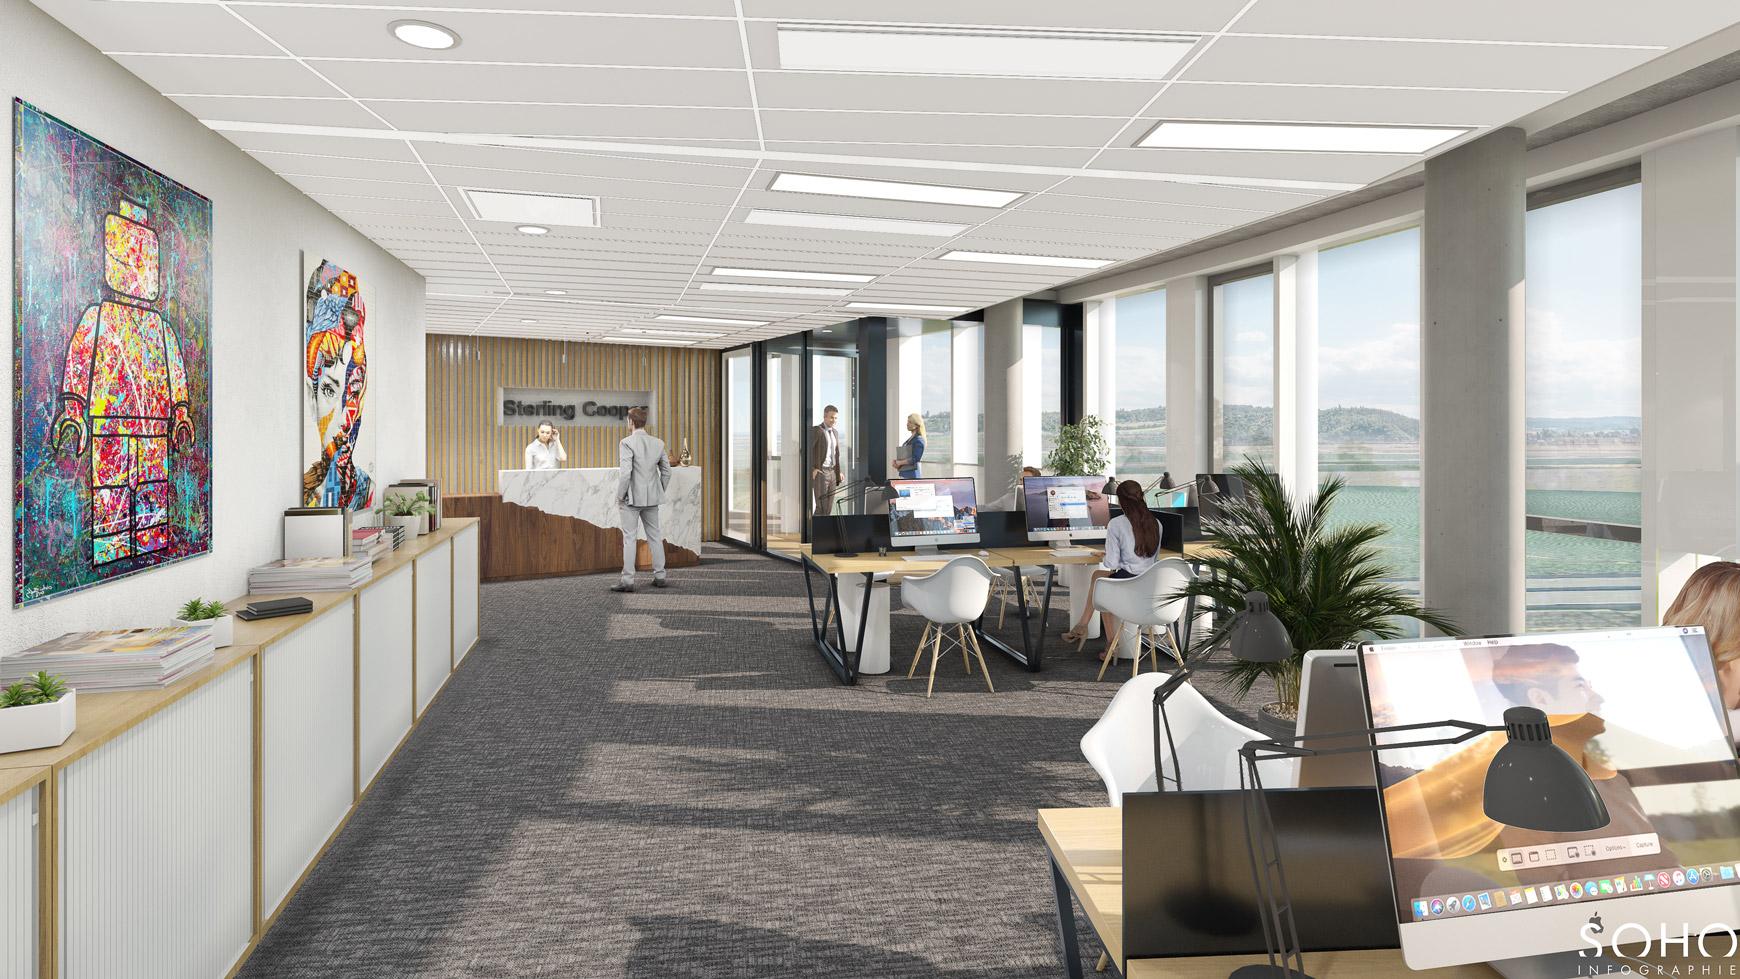 Immeuble de bureaux à Jonage, réalisé par le pôle Tertiaire de l'agence d'architecture SOHO ATLAS IN FINE LYON. Perspective, vue intérieure d'un espace de bureaux.